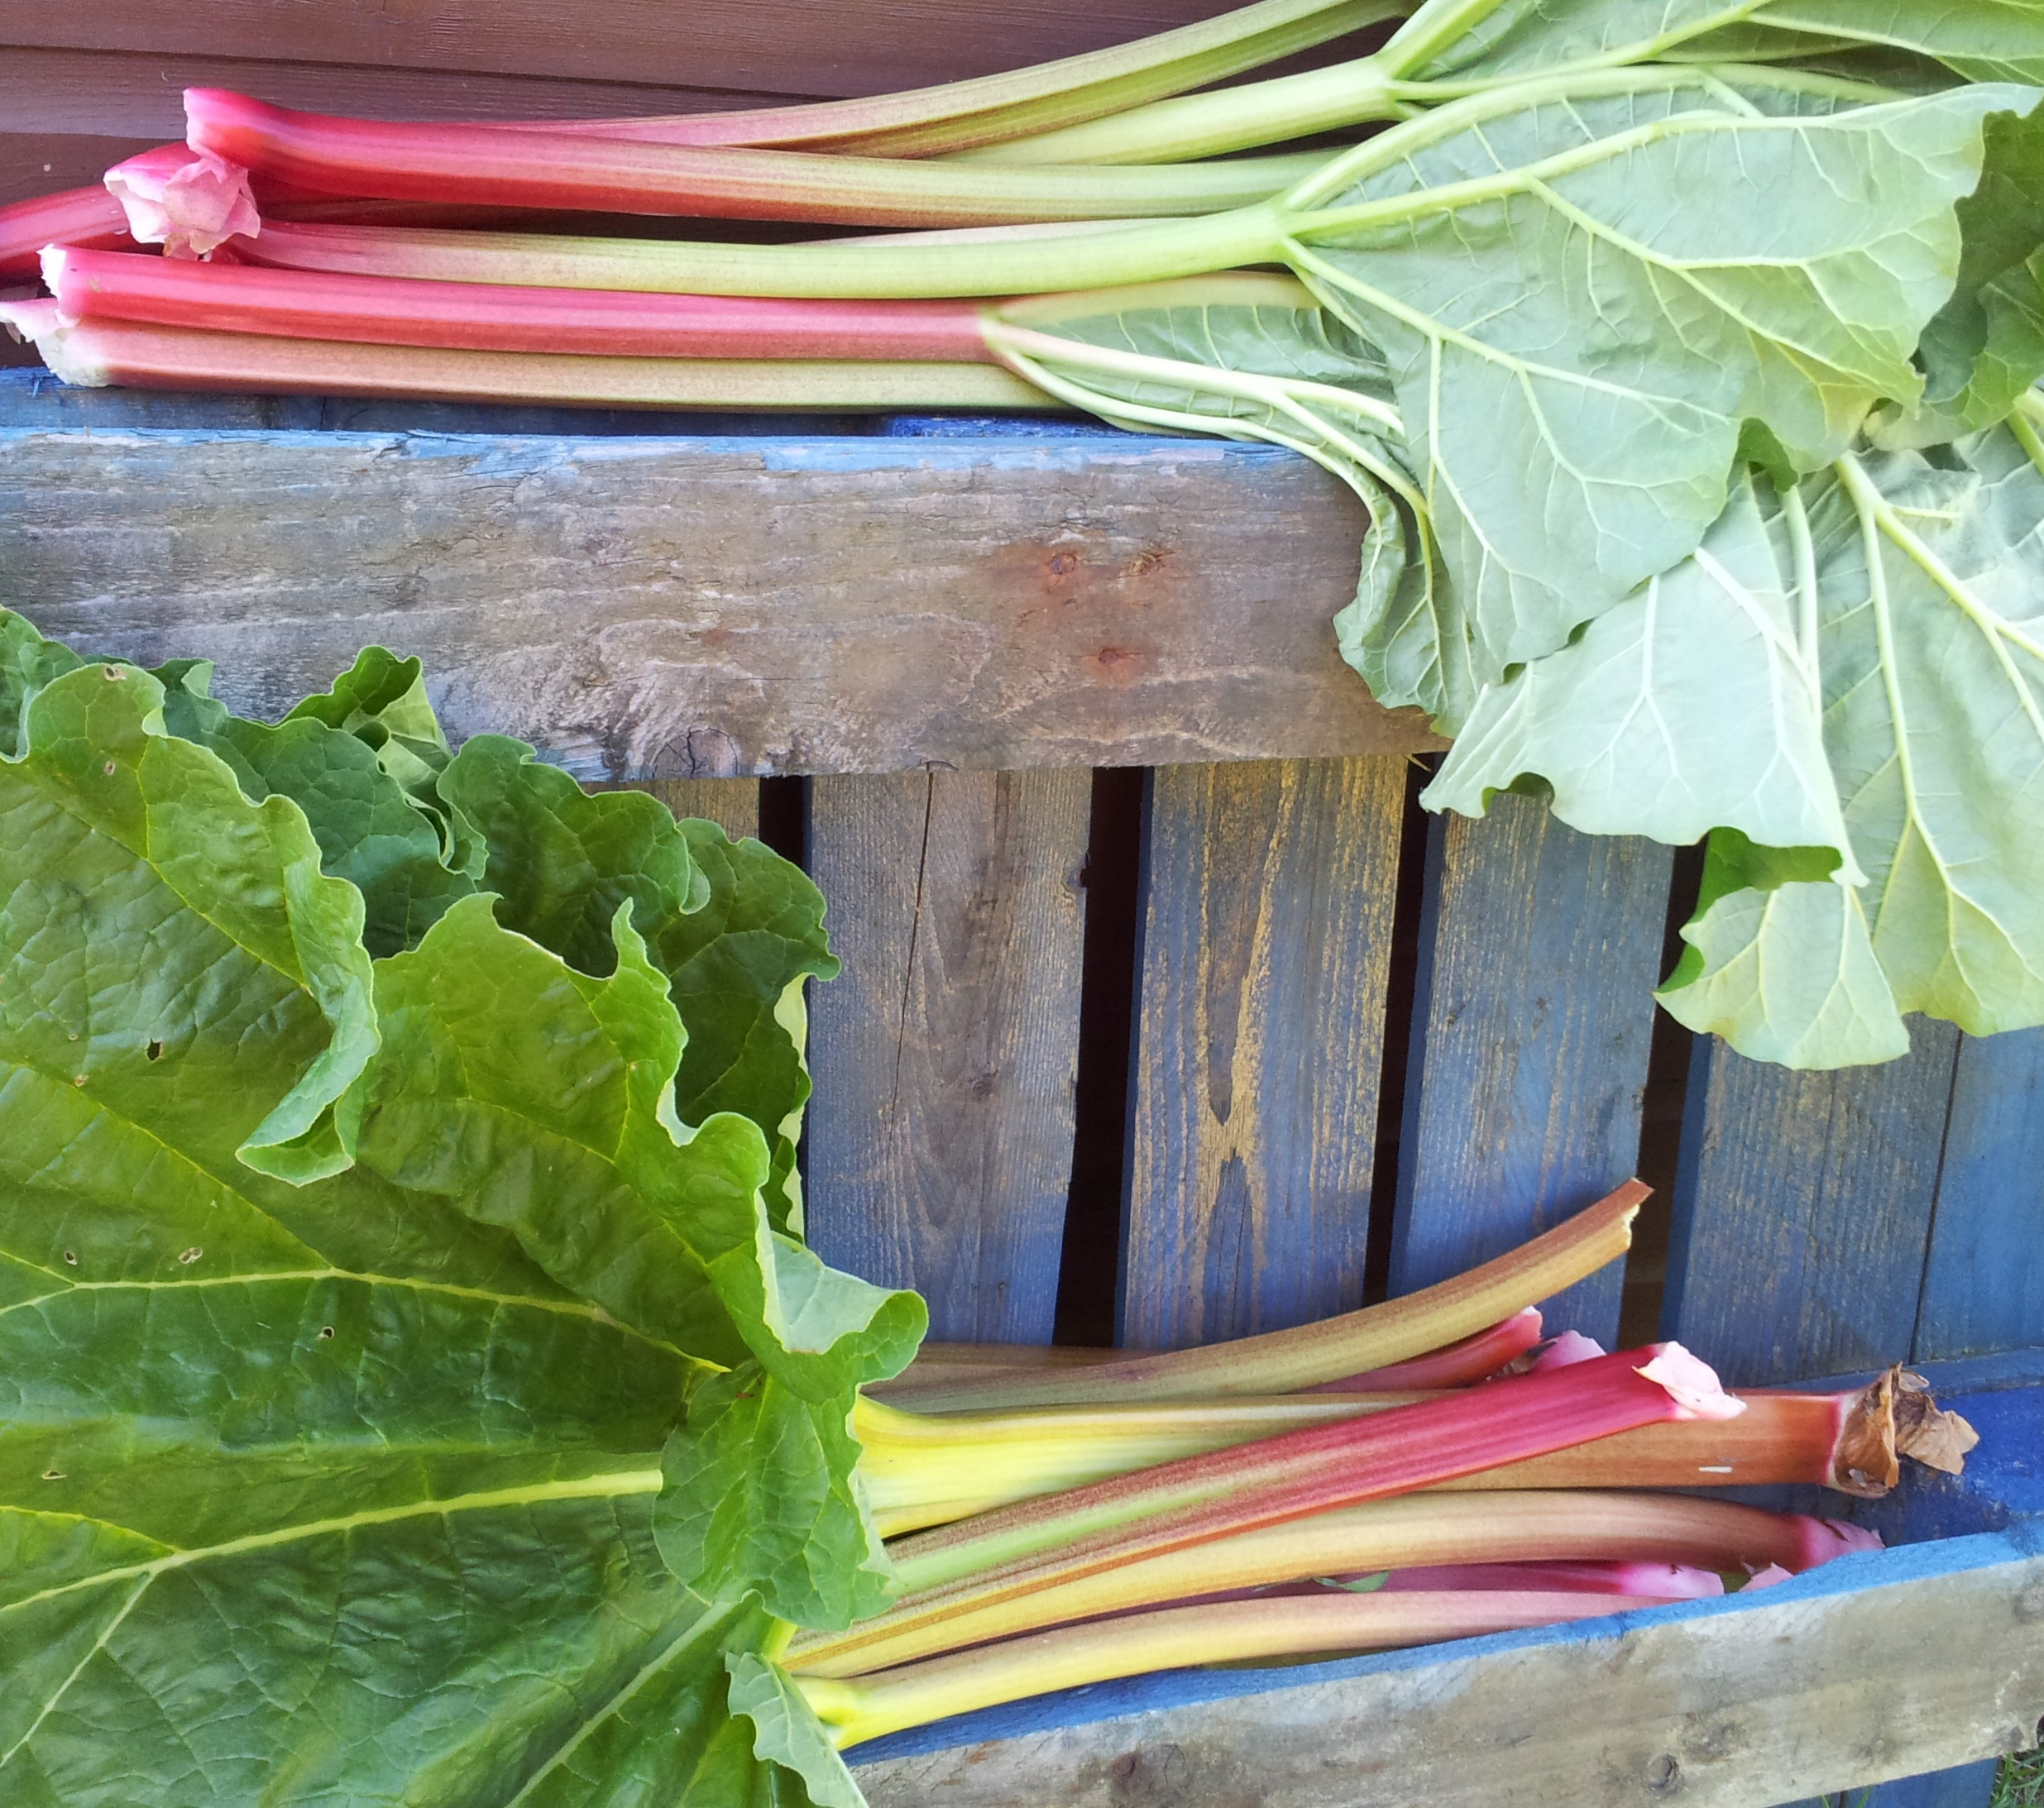 rhubarbsmaller.jpg